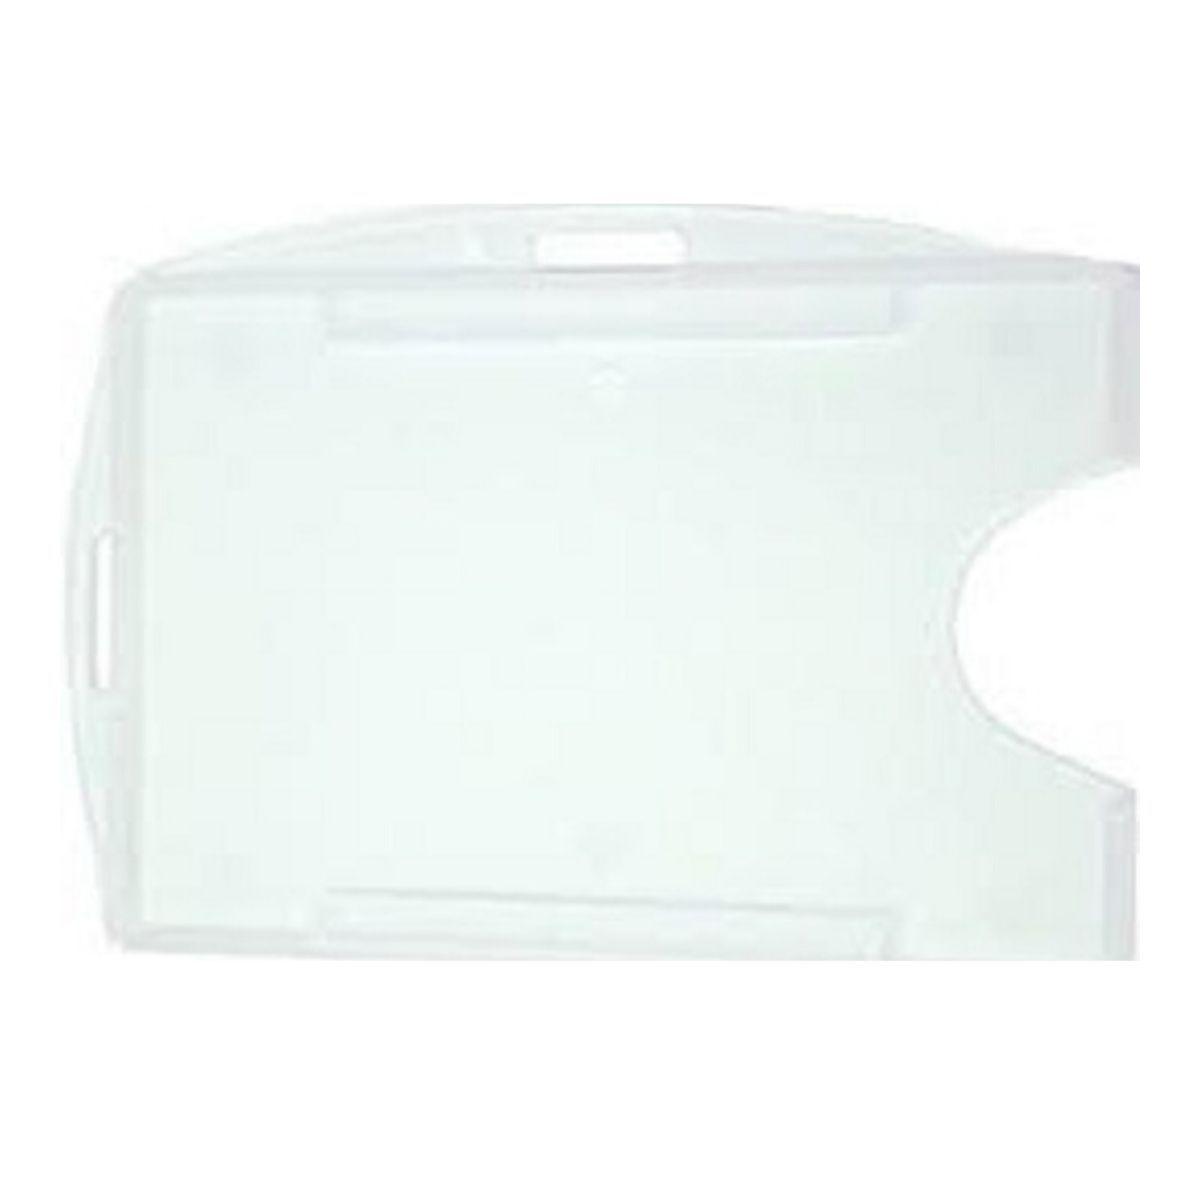 Porta Crachá Rígido M3 Conjugado Transparente (Cristal) - Caixa com 100 unidades  - Click Suprimentos